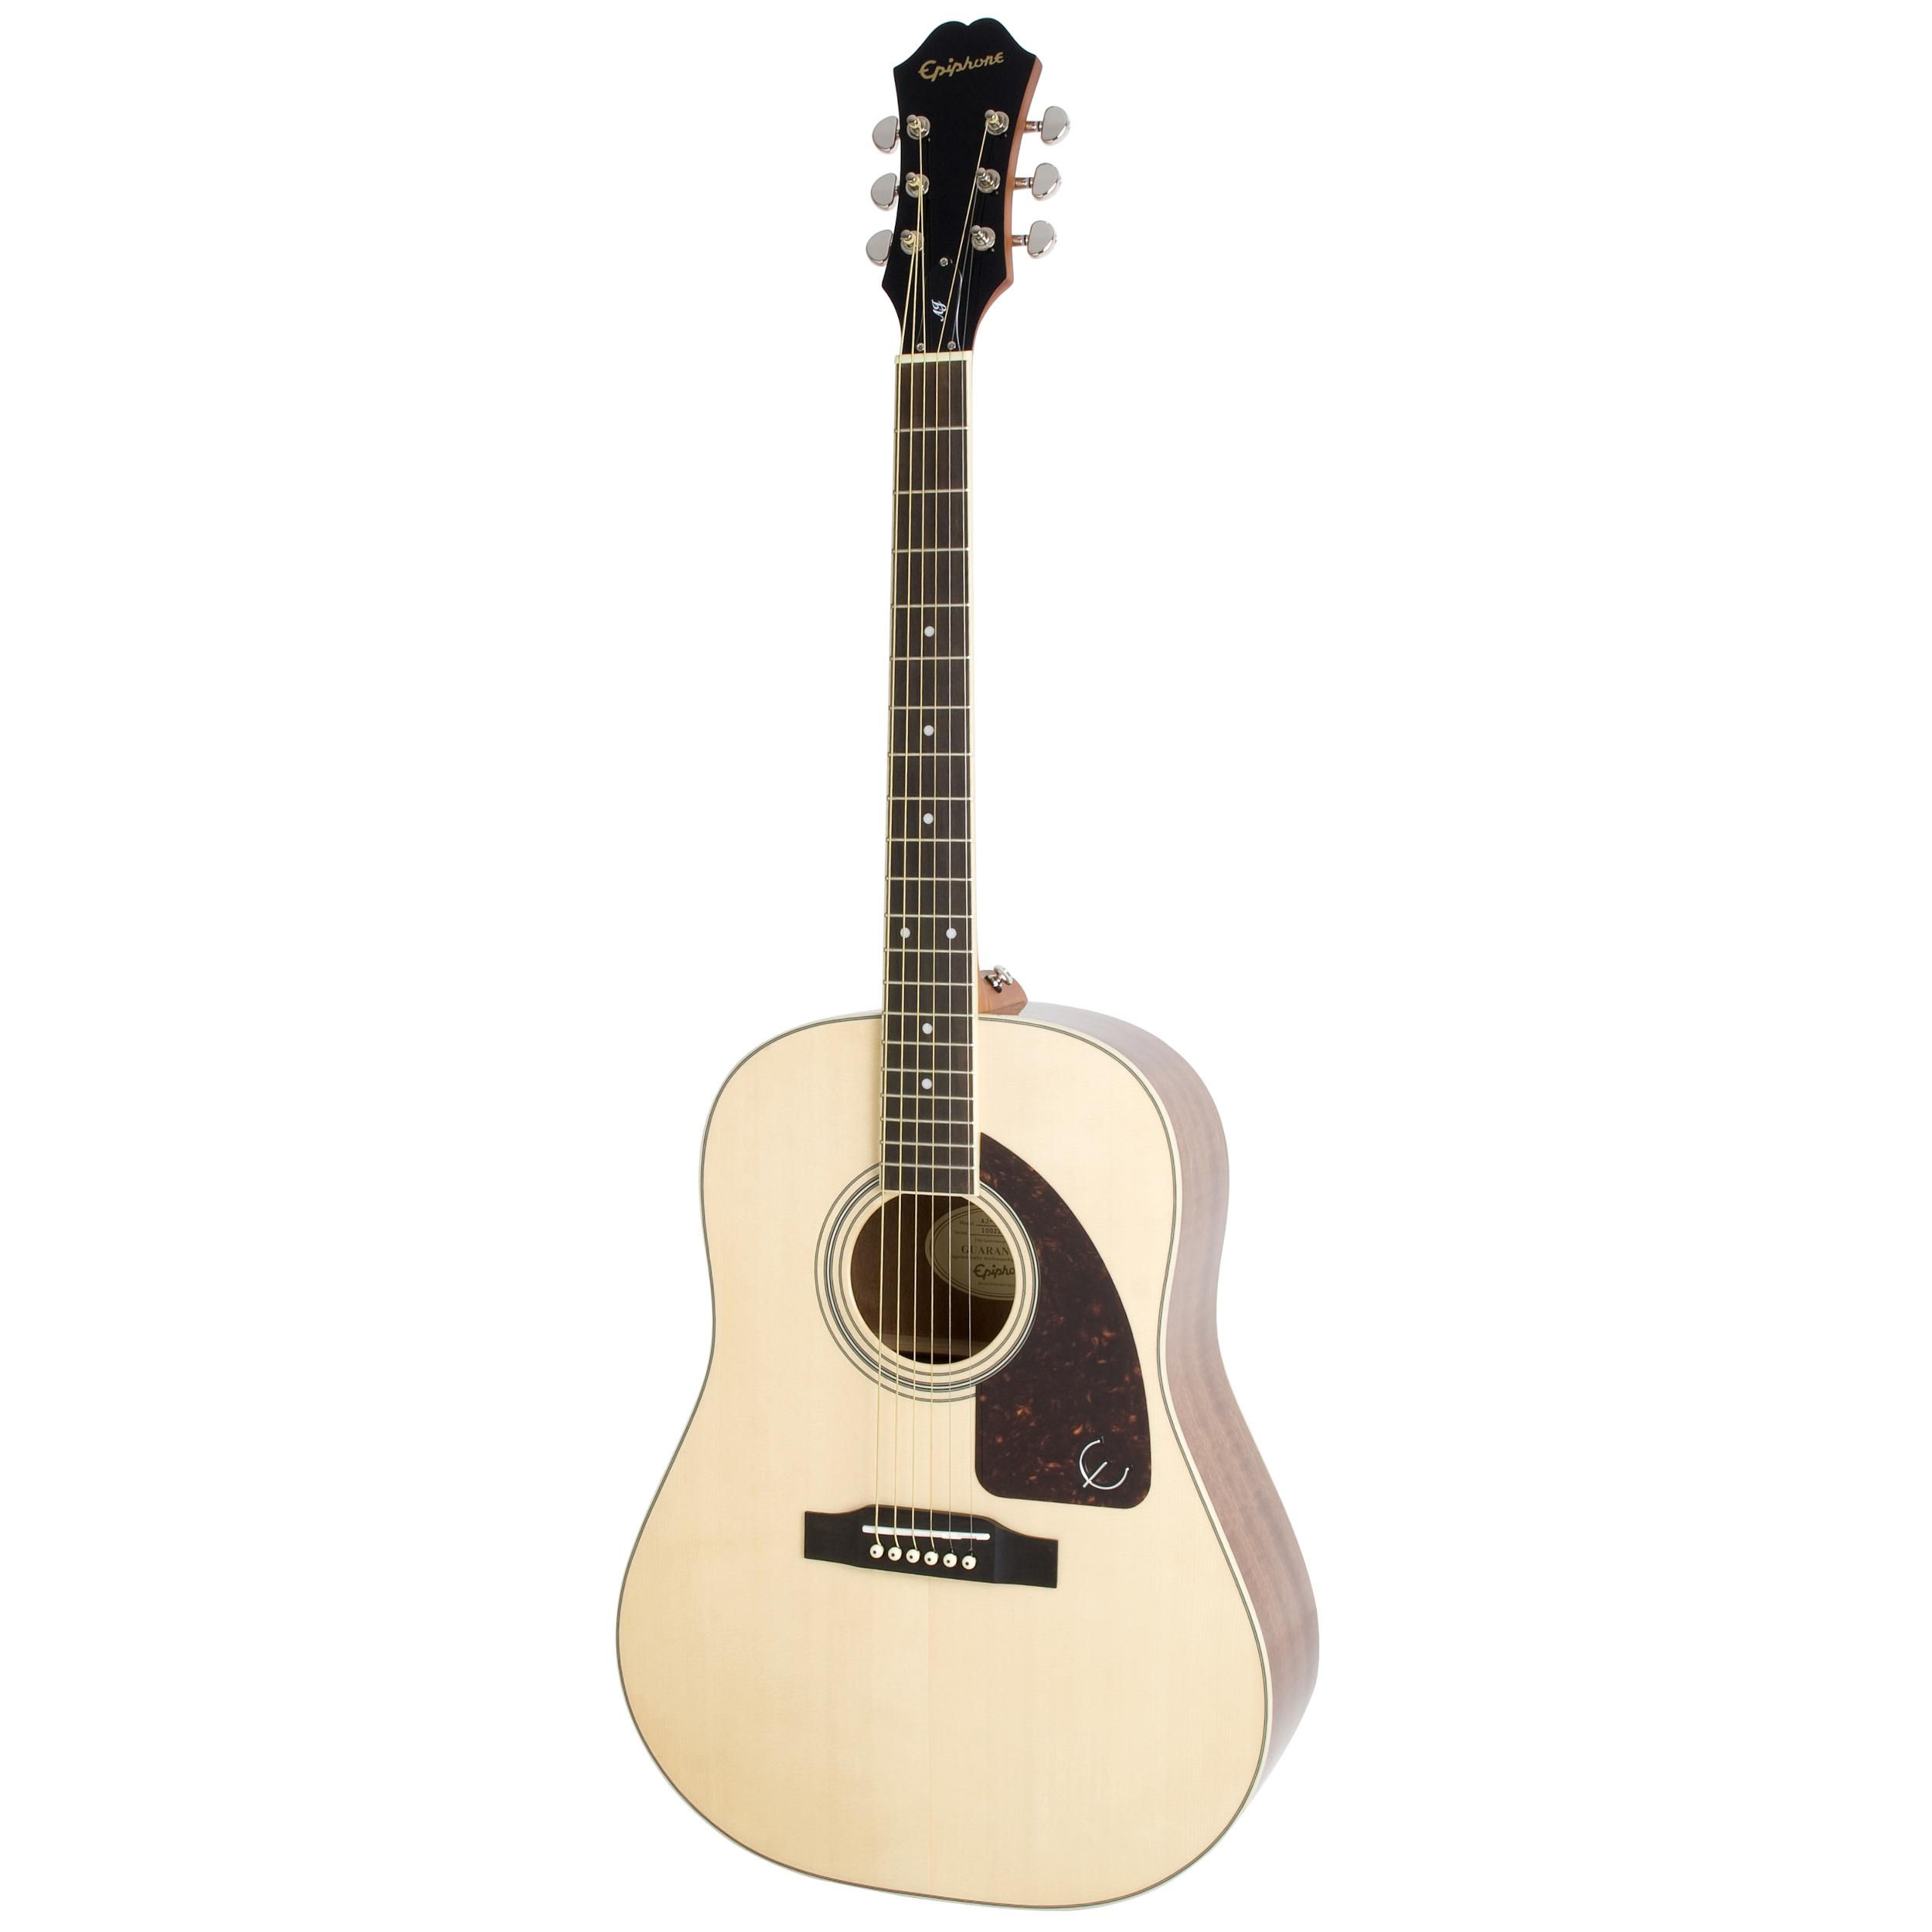 Epiphone AJ-220S - Natural Guitar